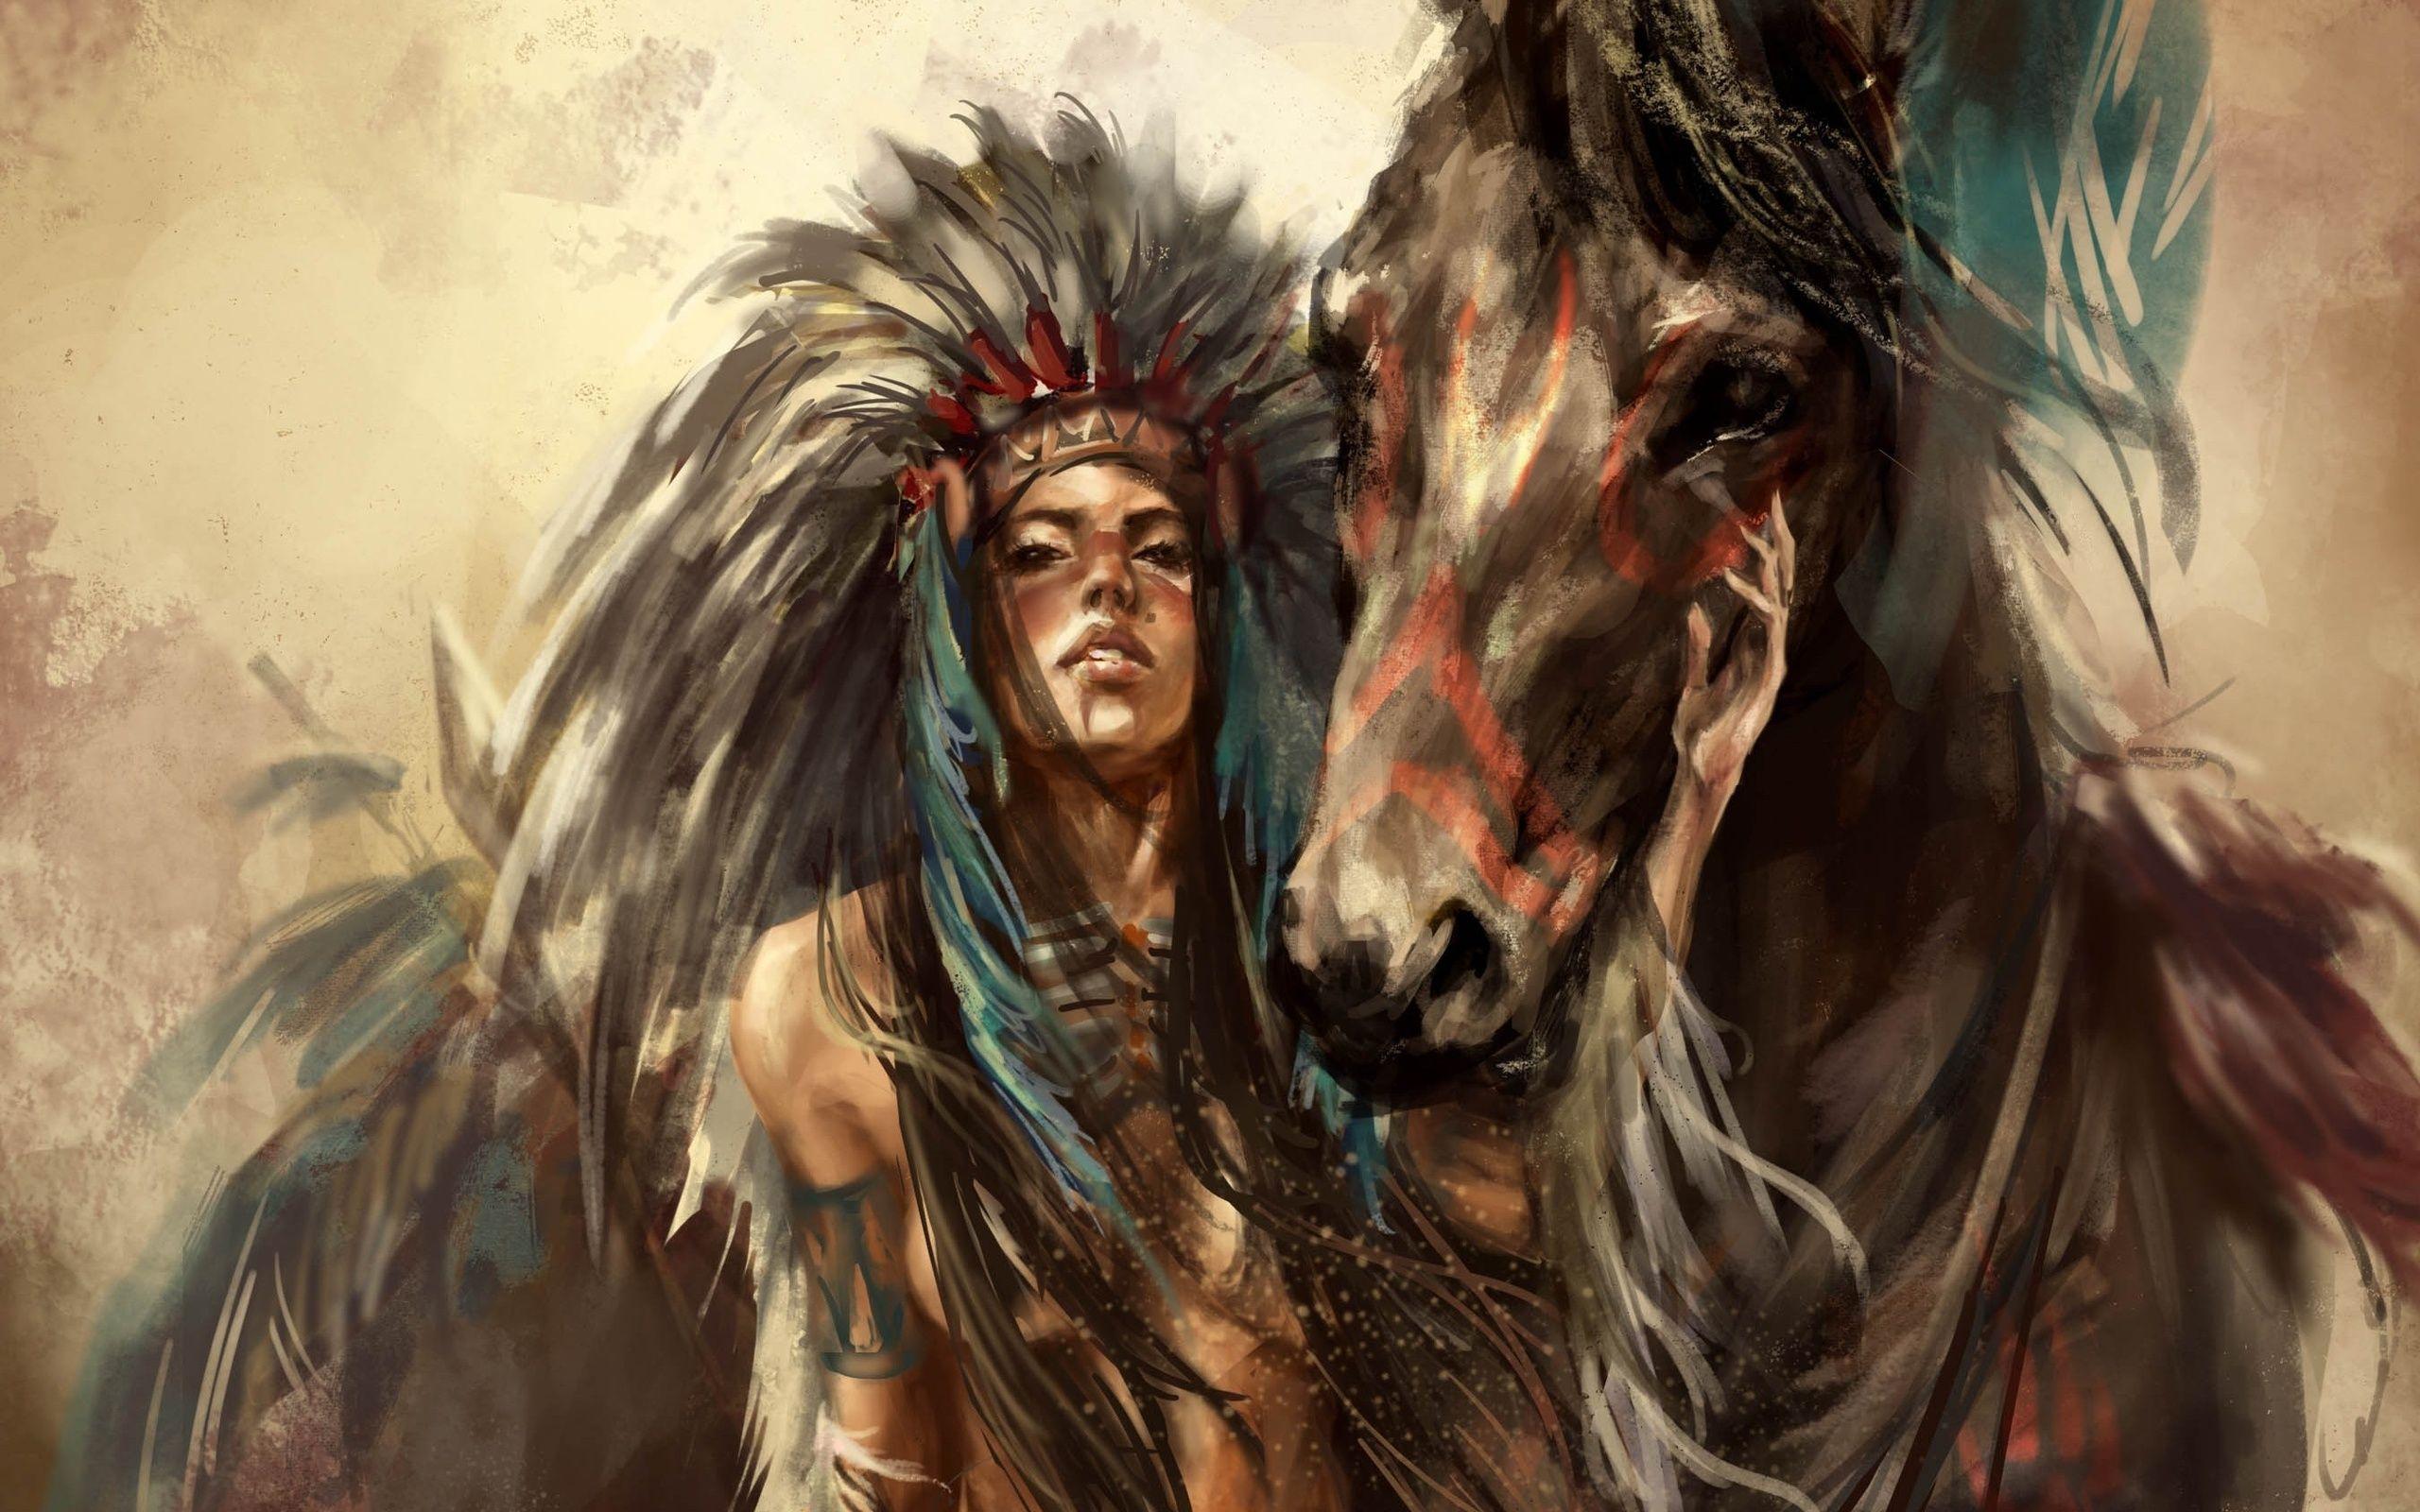 Сексуальные обряды индейцев амазонки